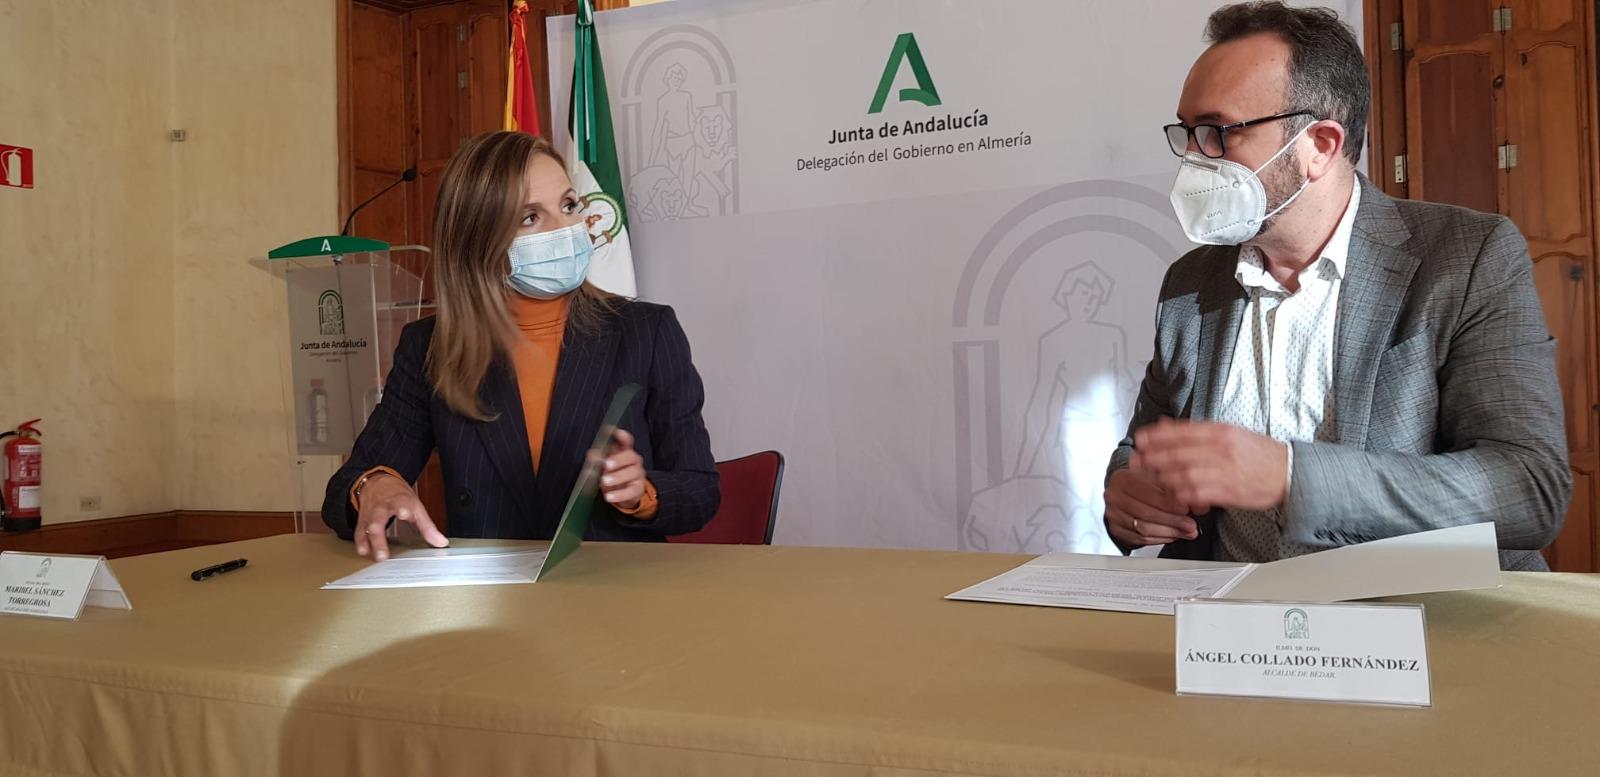 El Gobierno andaluz ratifica la cesión del edificio de la Casa de la Juventud al Ayuntamiento de Bédar